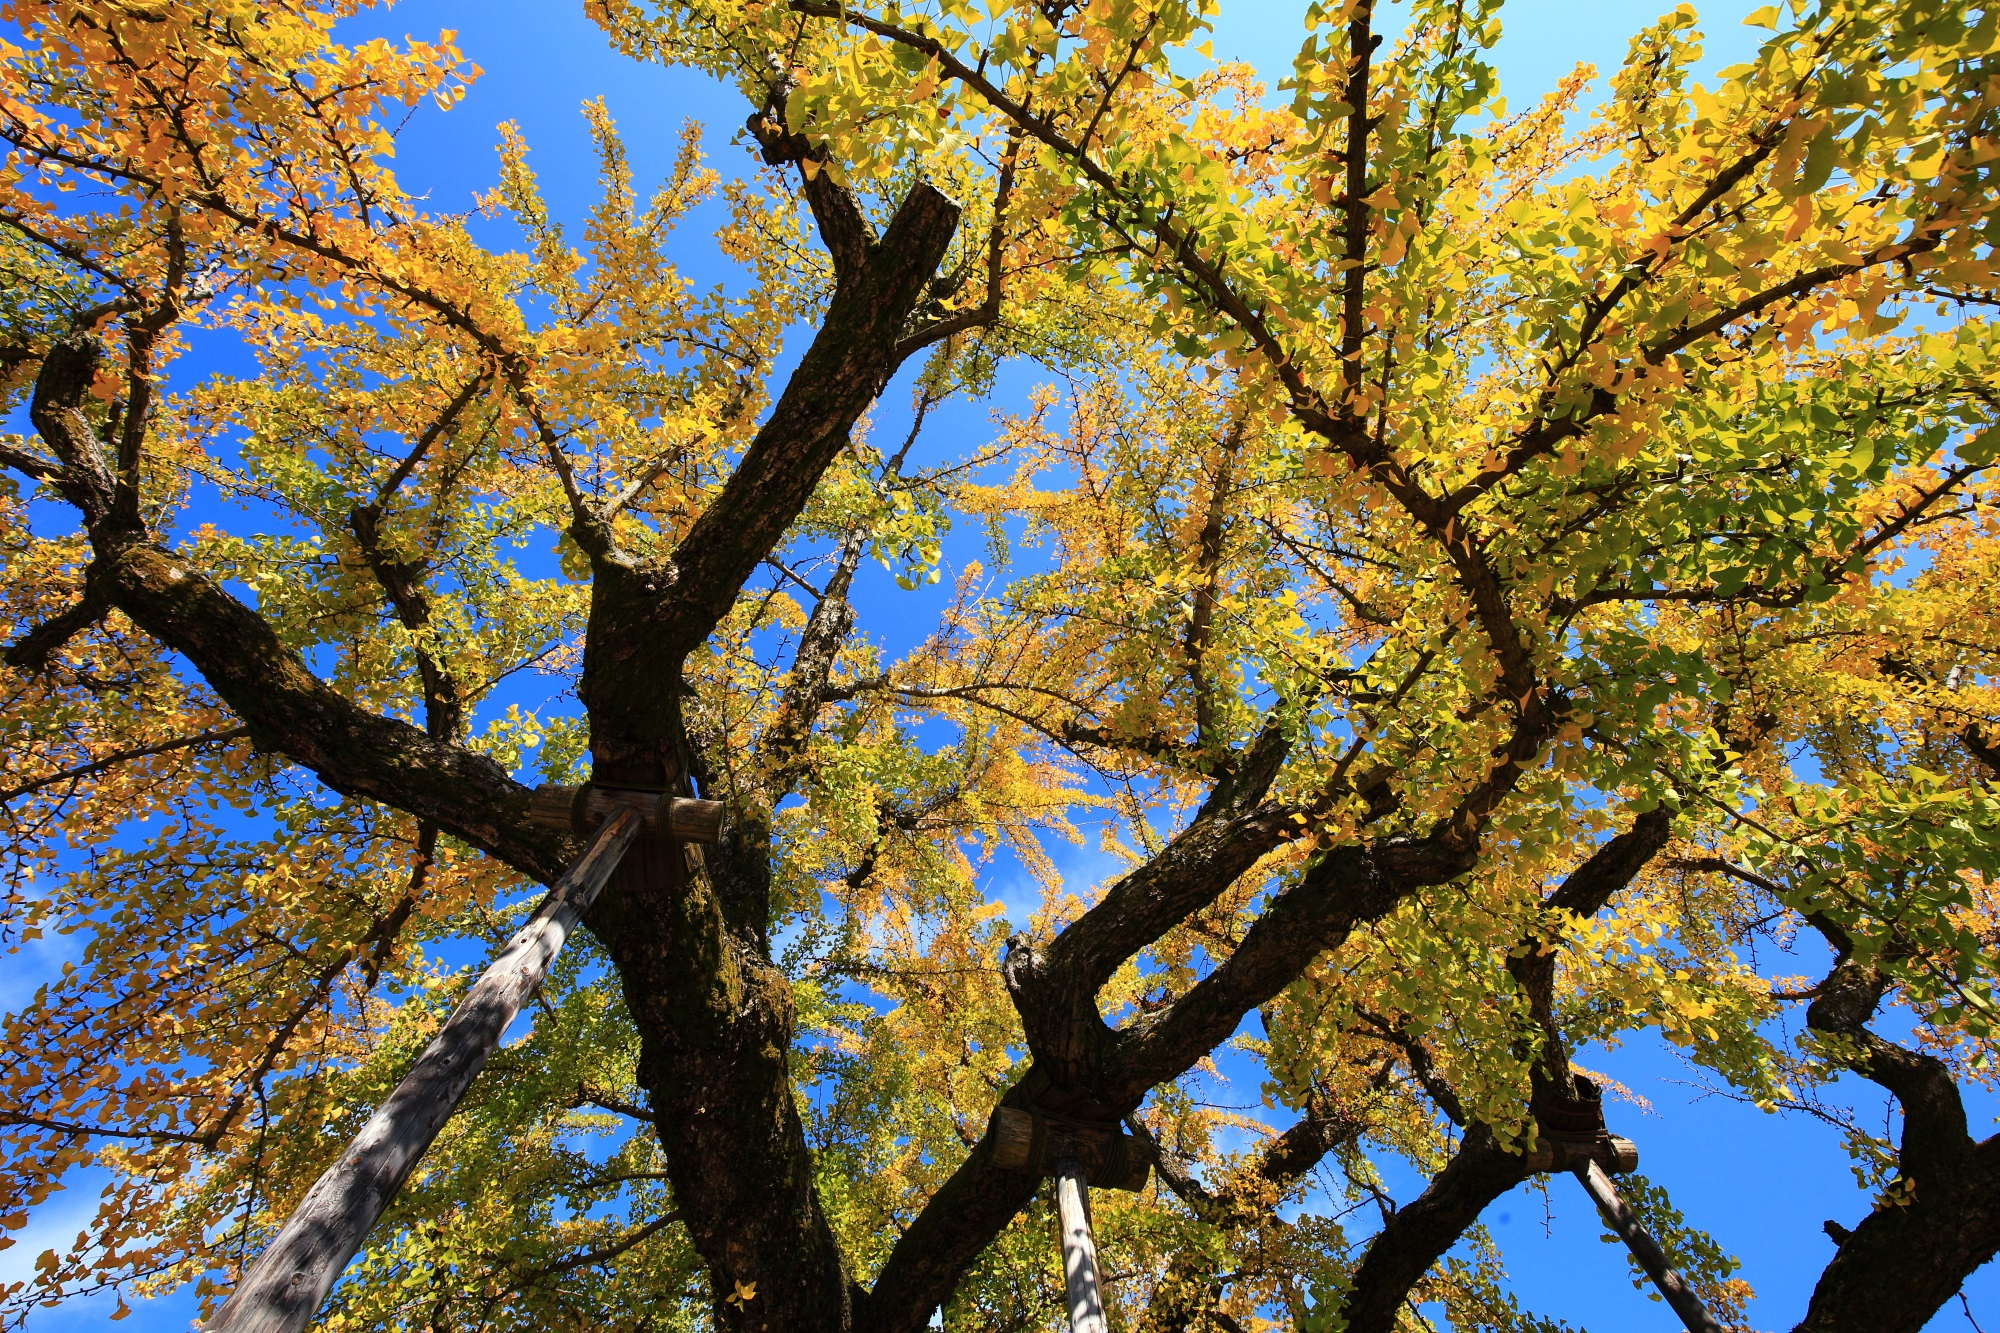 西本願寺の空を覆う大きな逆さ銀杏